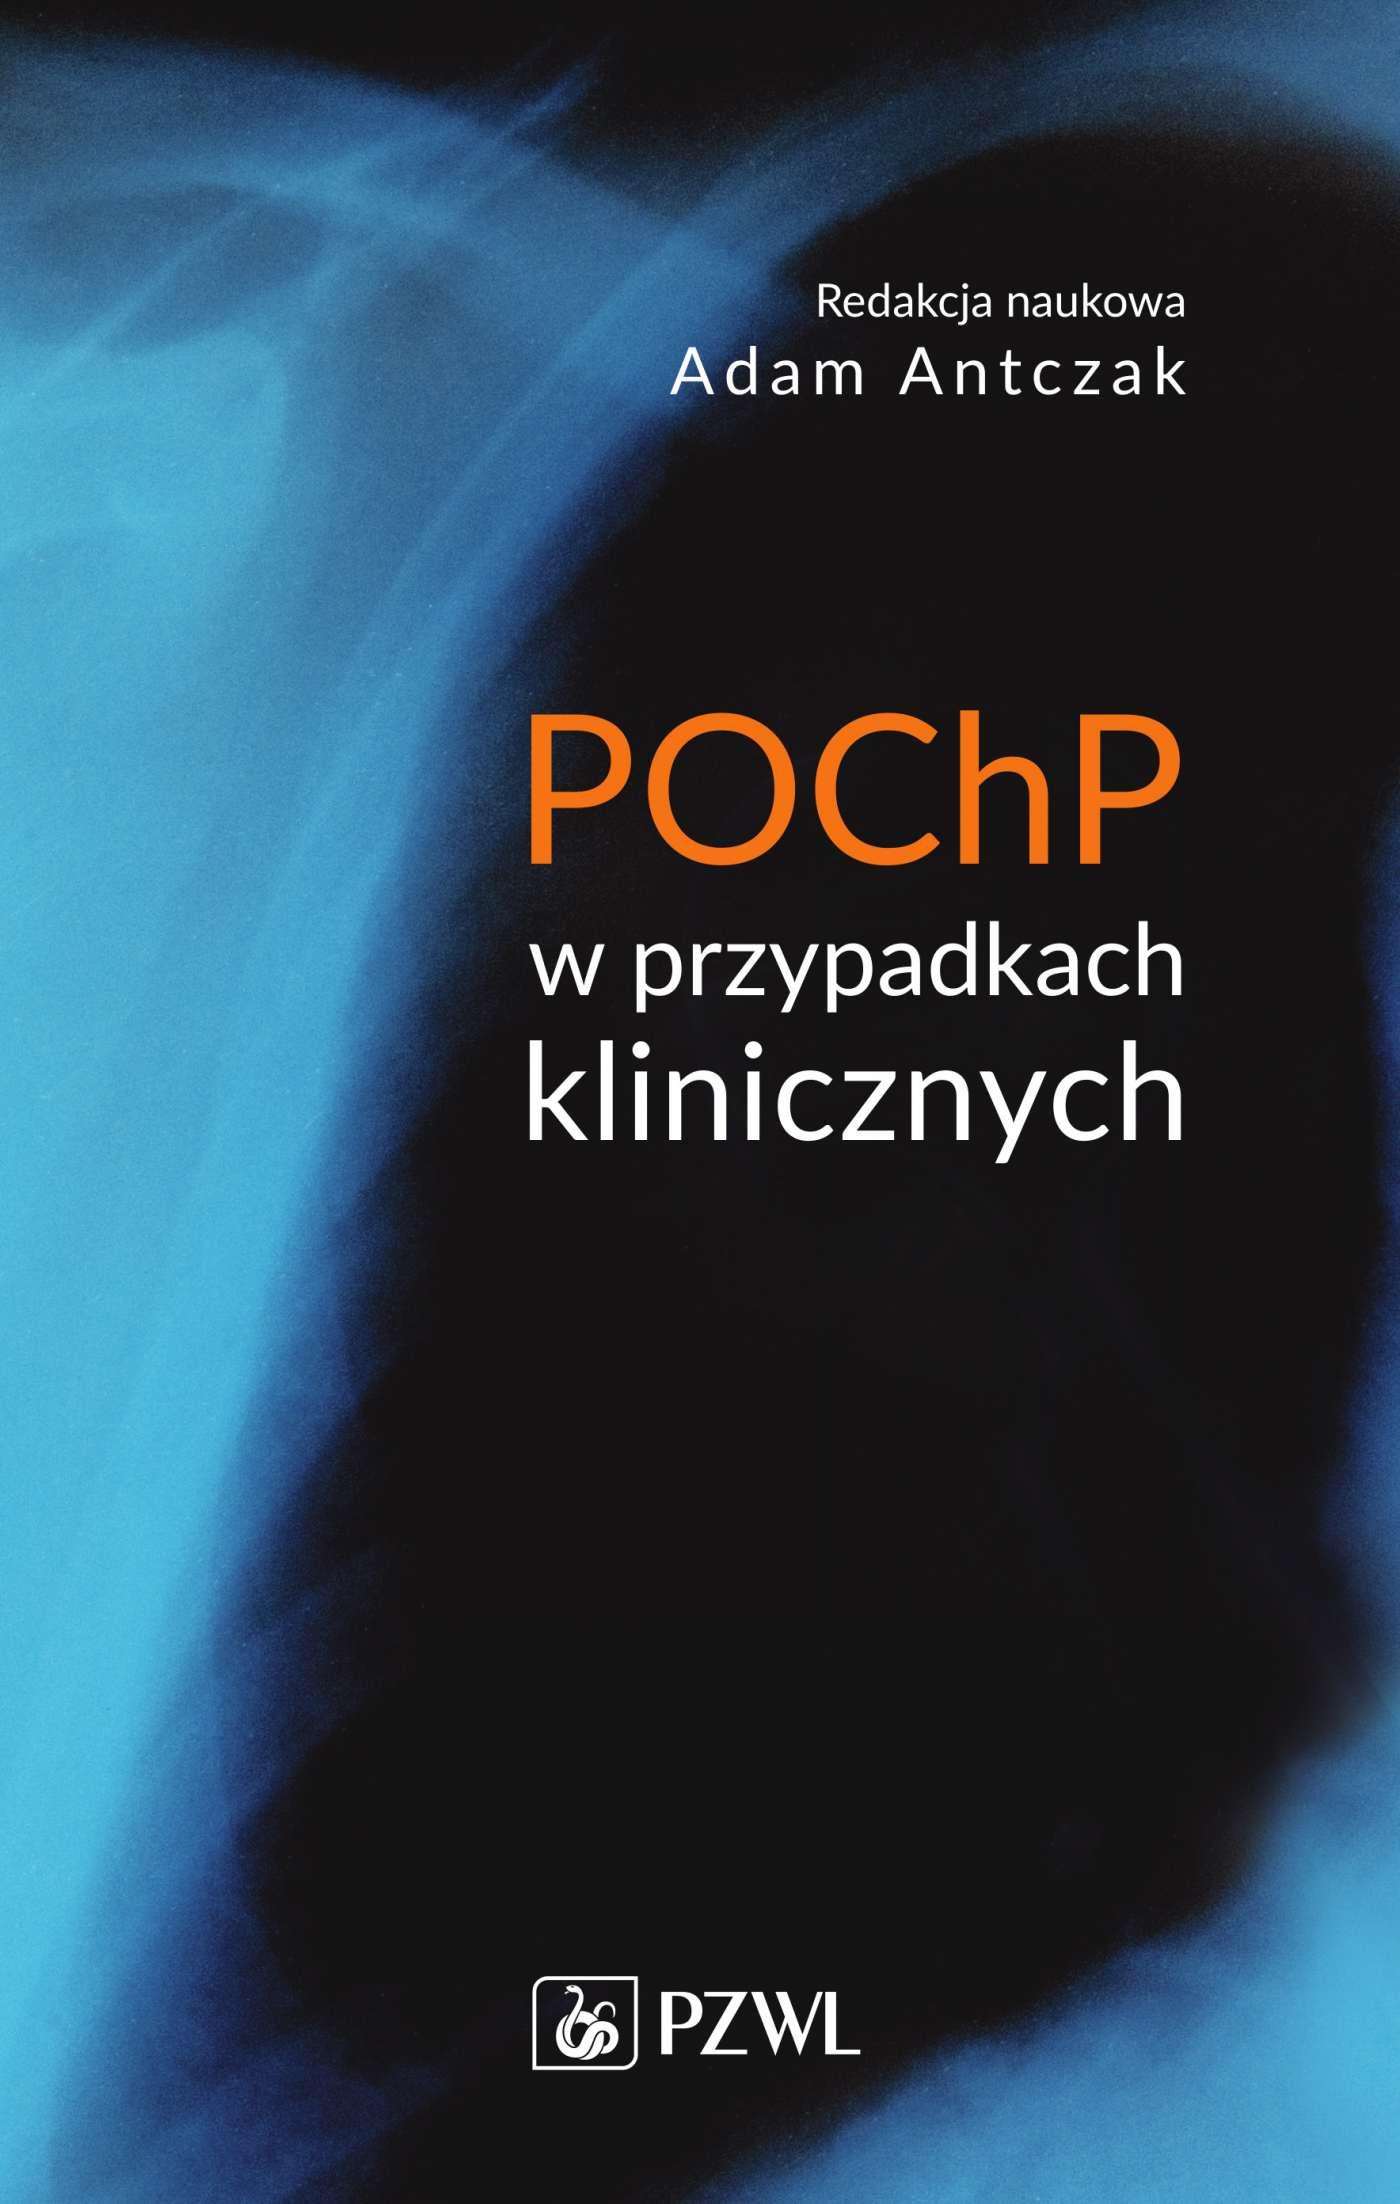 POChP w przypadkach klinicznych - Ebook (Książka na Kindle) do pobrania w formacie MOBI